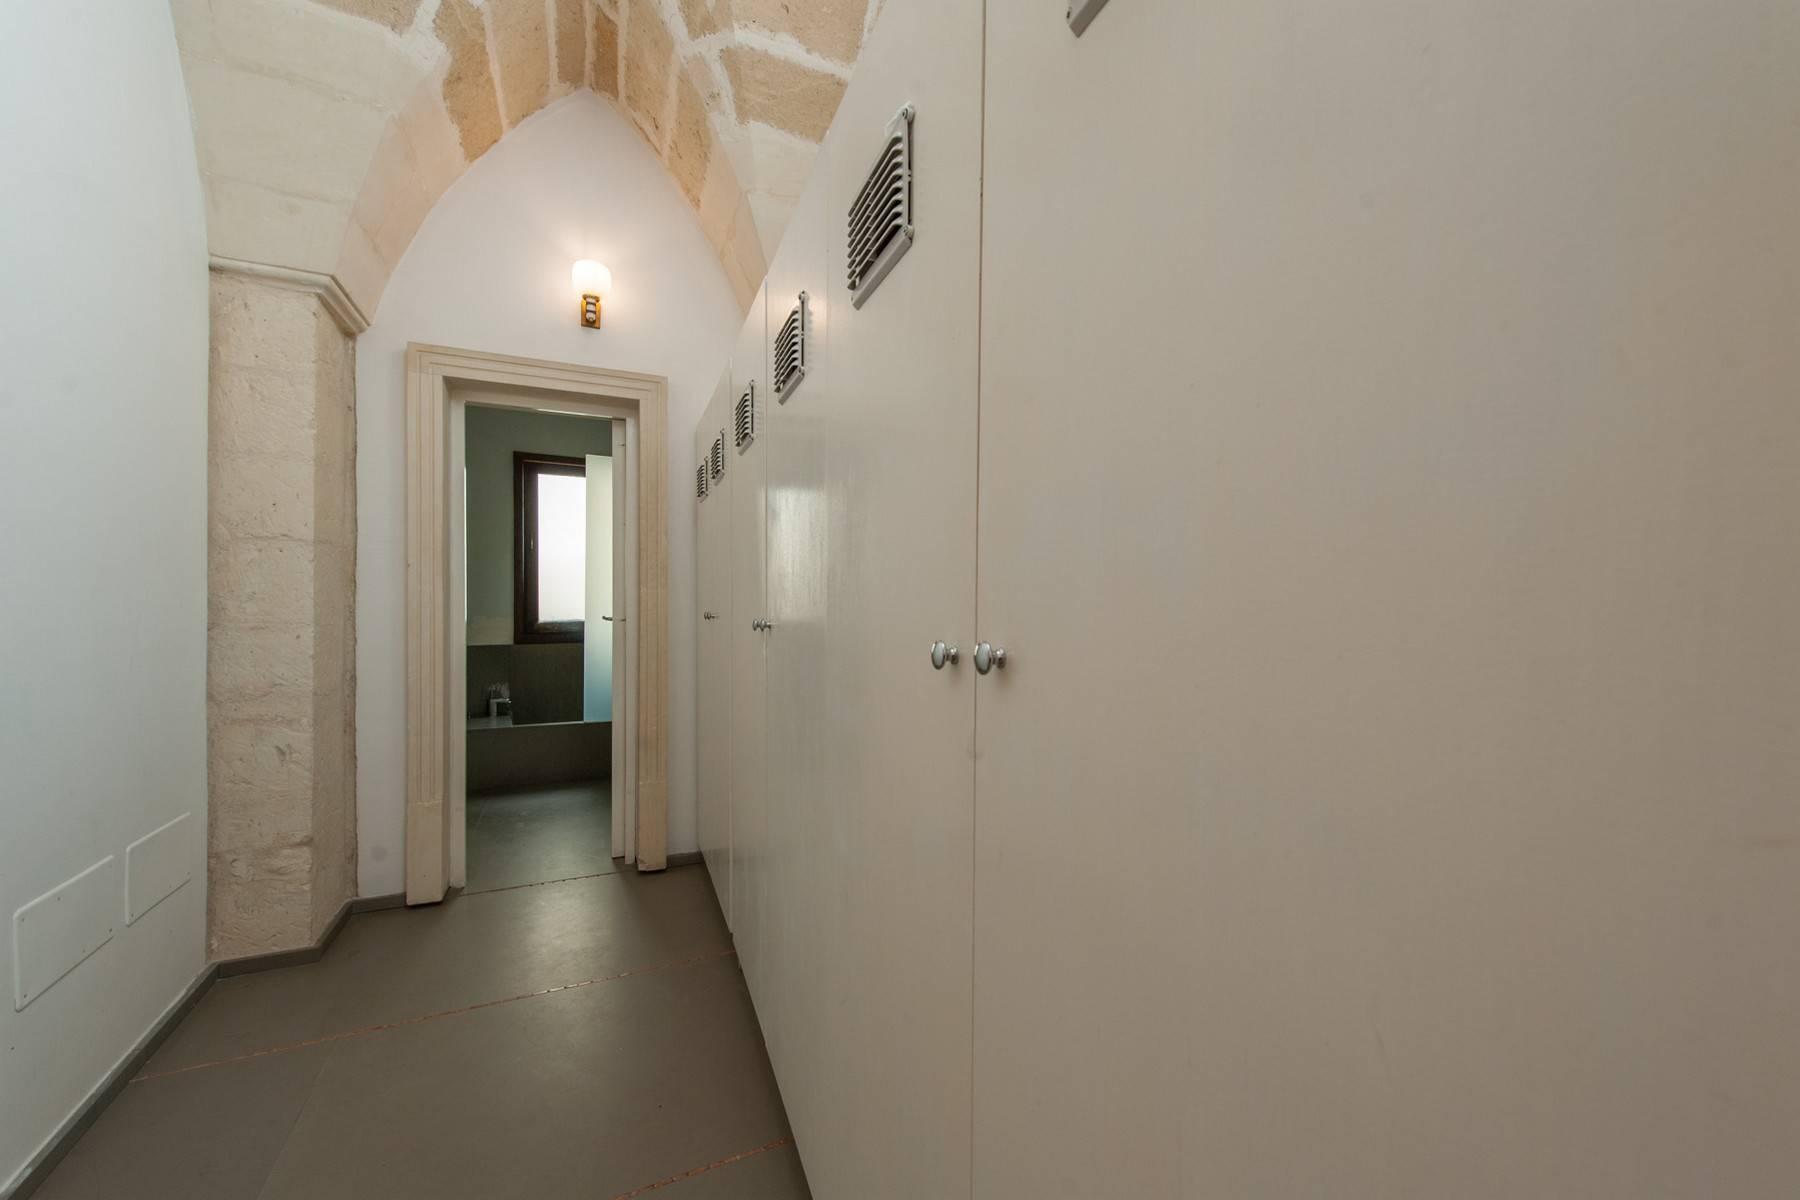 Casa indipendente in Vendita a Lecce: 5 locali, 180 mq - Foto 15